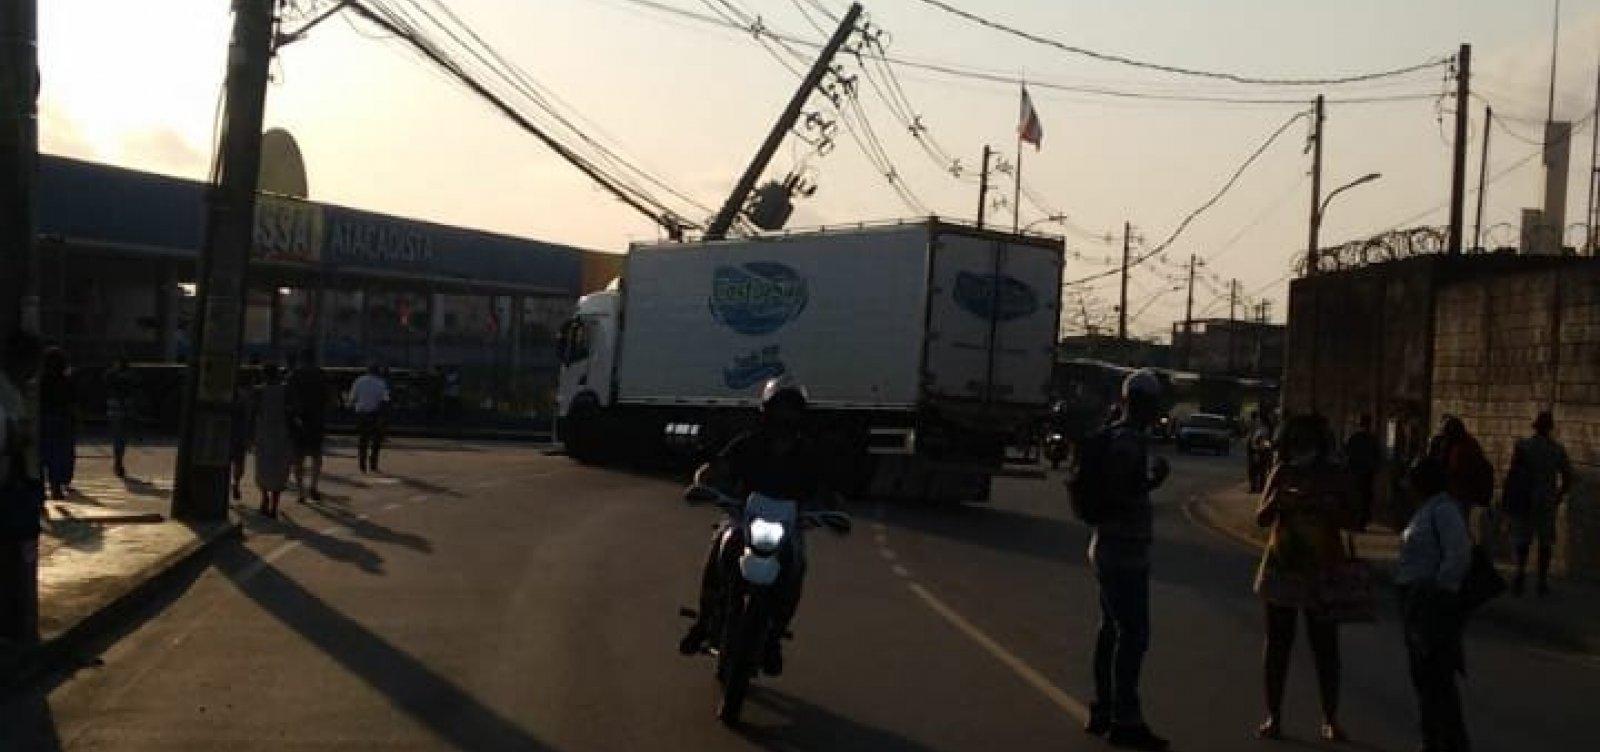 Ônibus bate em poste e acidente provoca engarrafamento em Pau da Lima